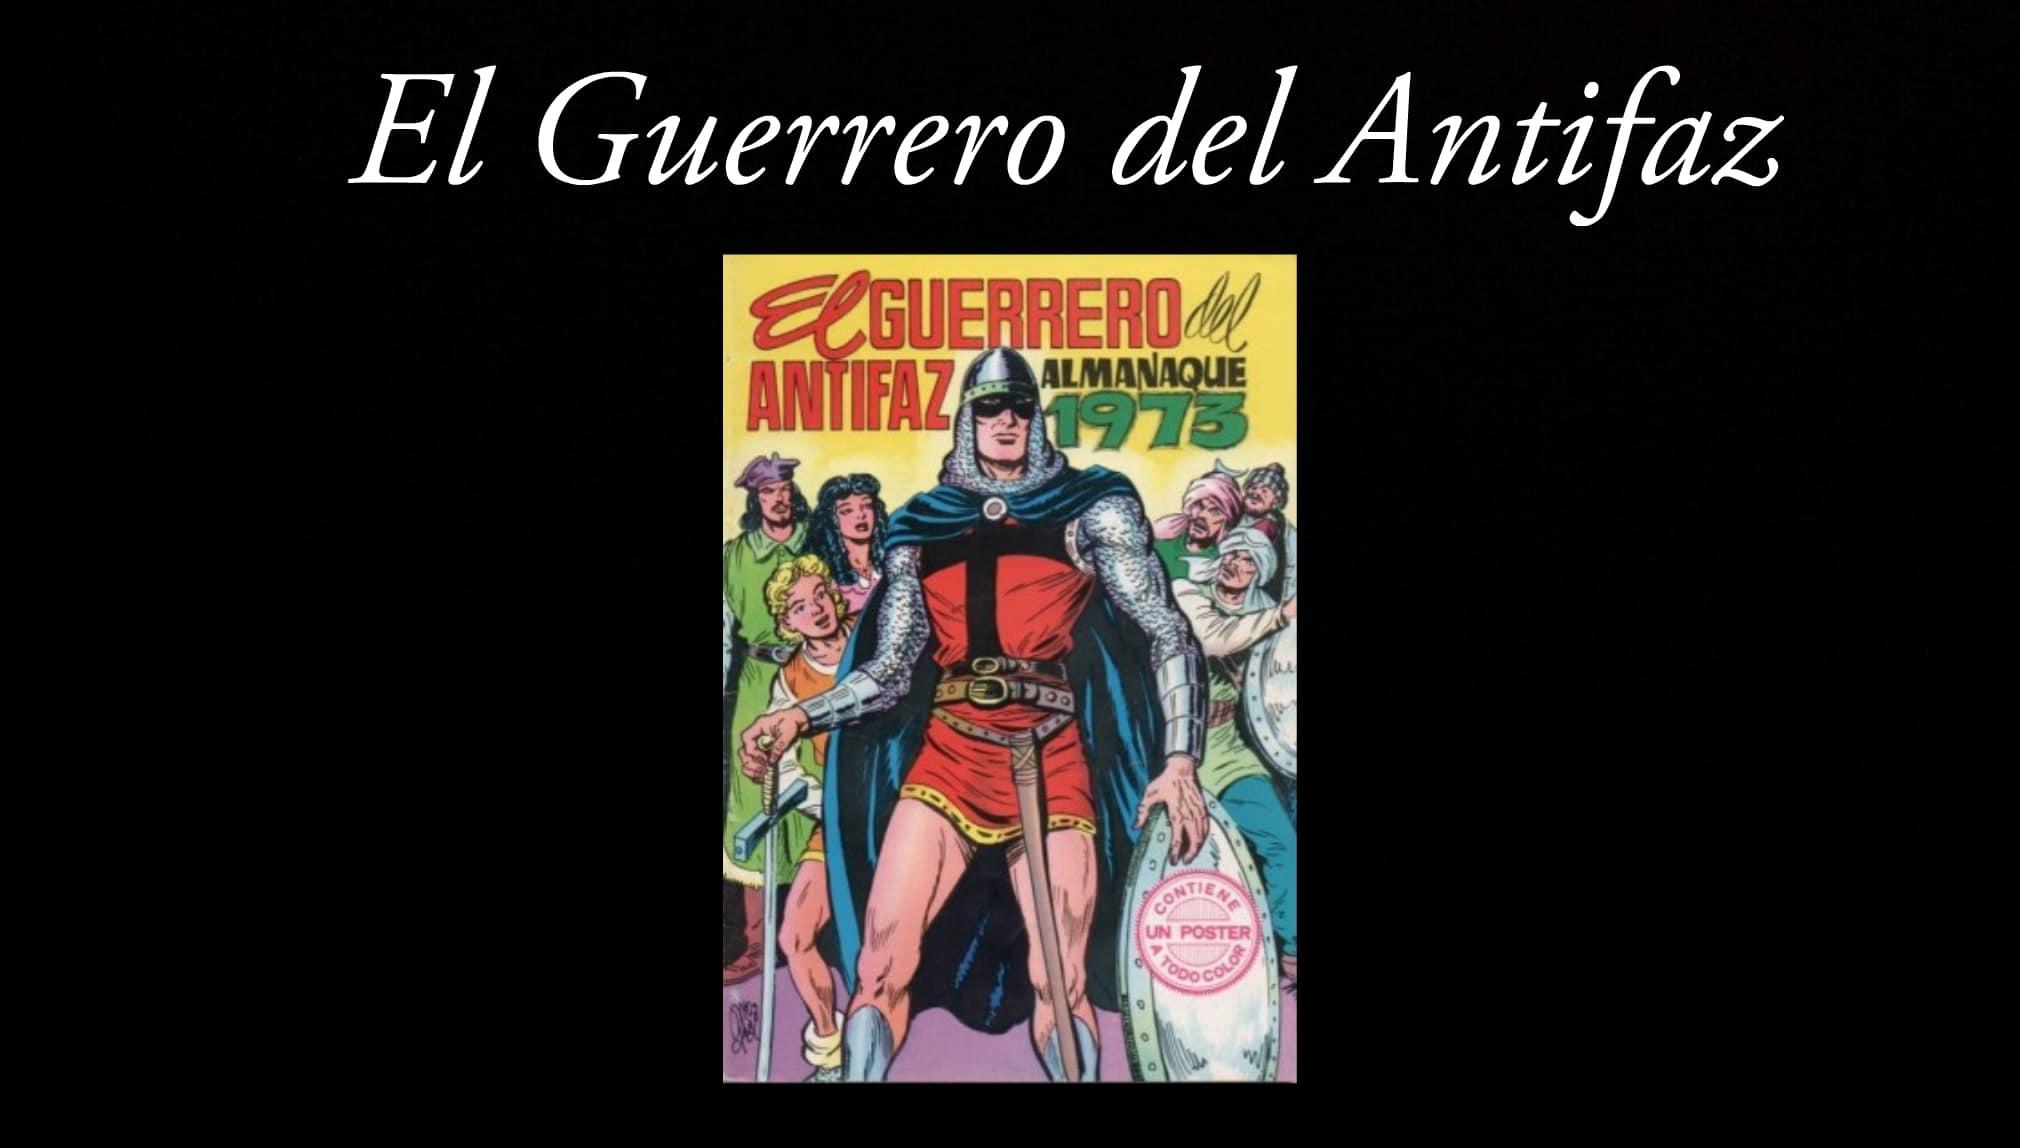 El Guerrero del Antifaz.